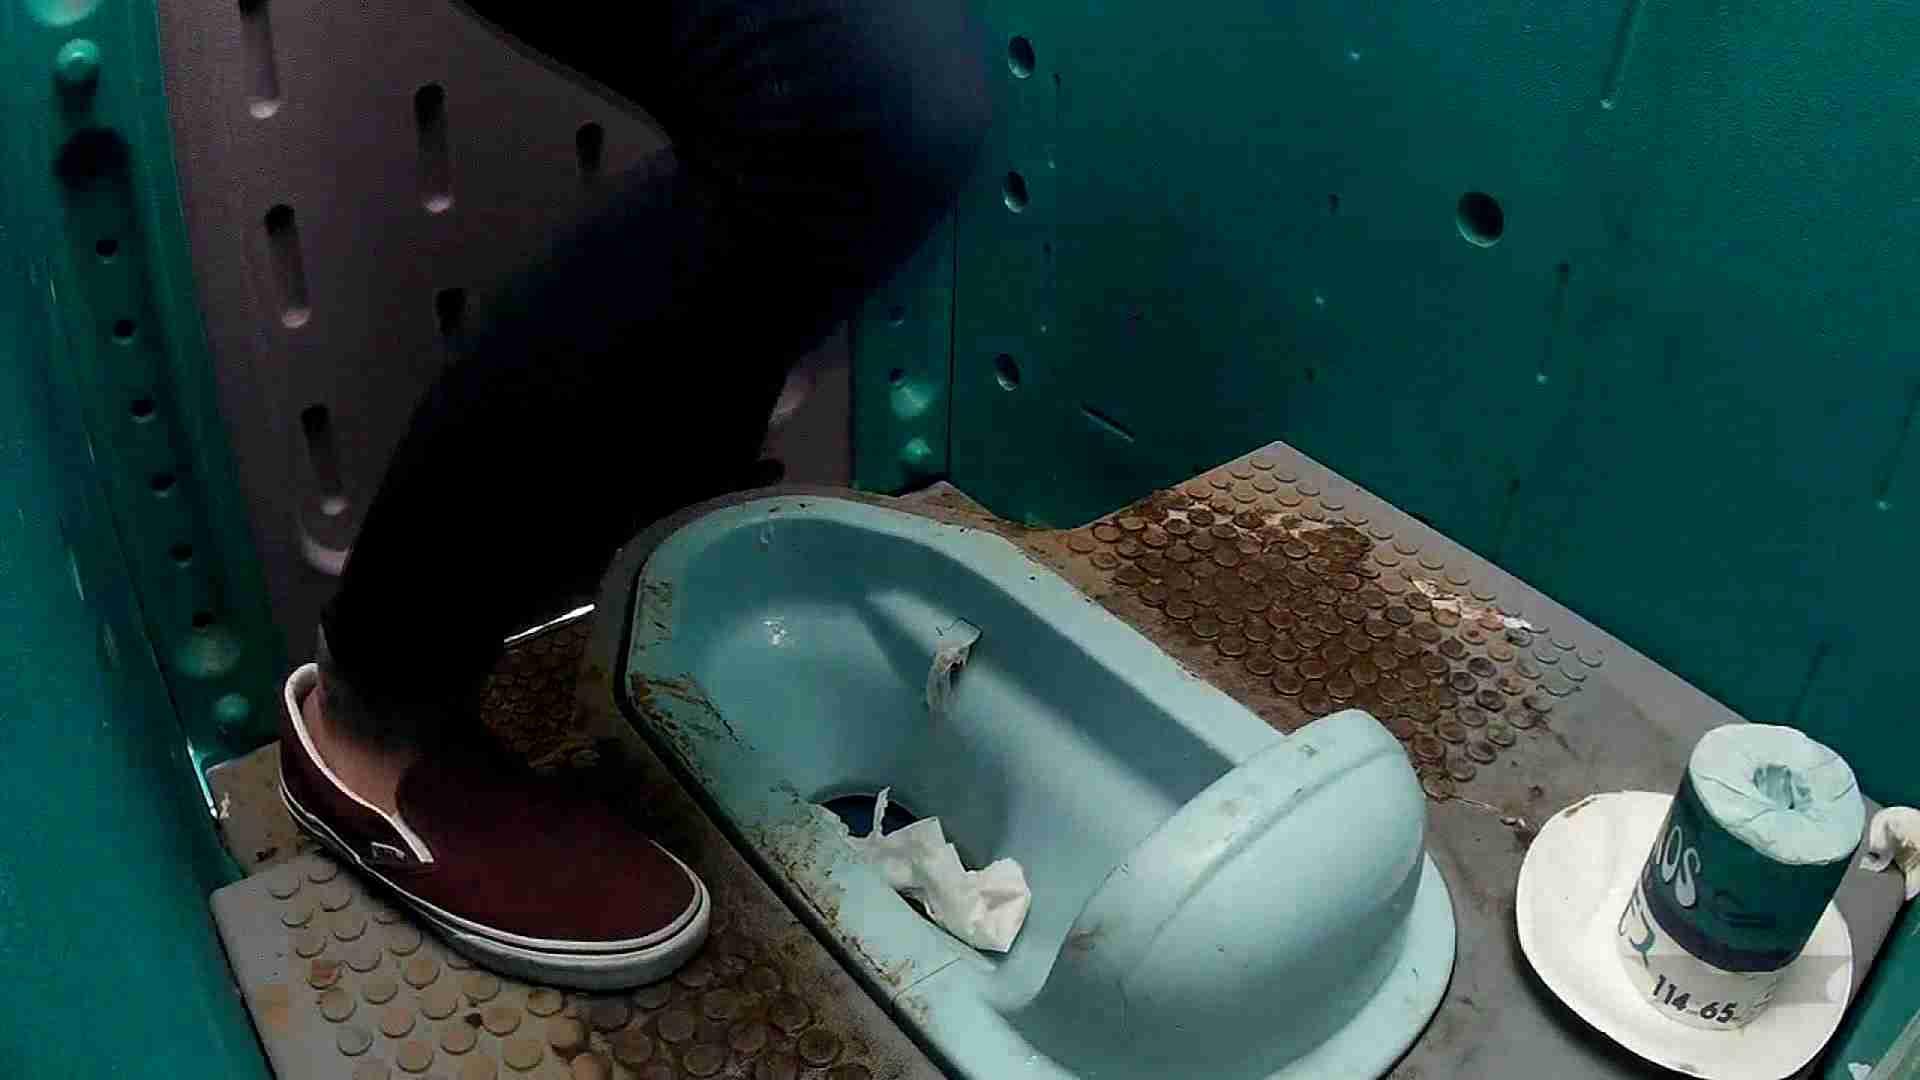 痴態洗面所 Vol.06 中が「マジヤバいヨネ!」洗面所 OLのボディ | 洗面所  49PIX 33